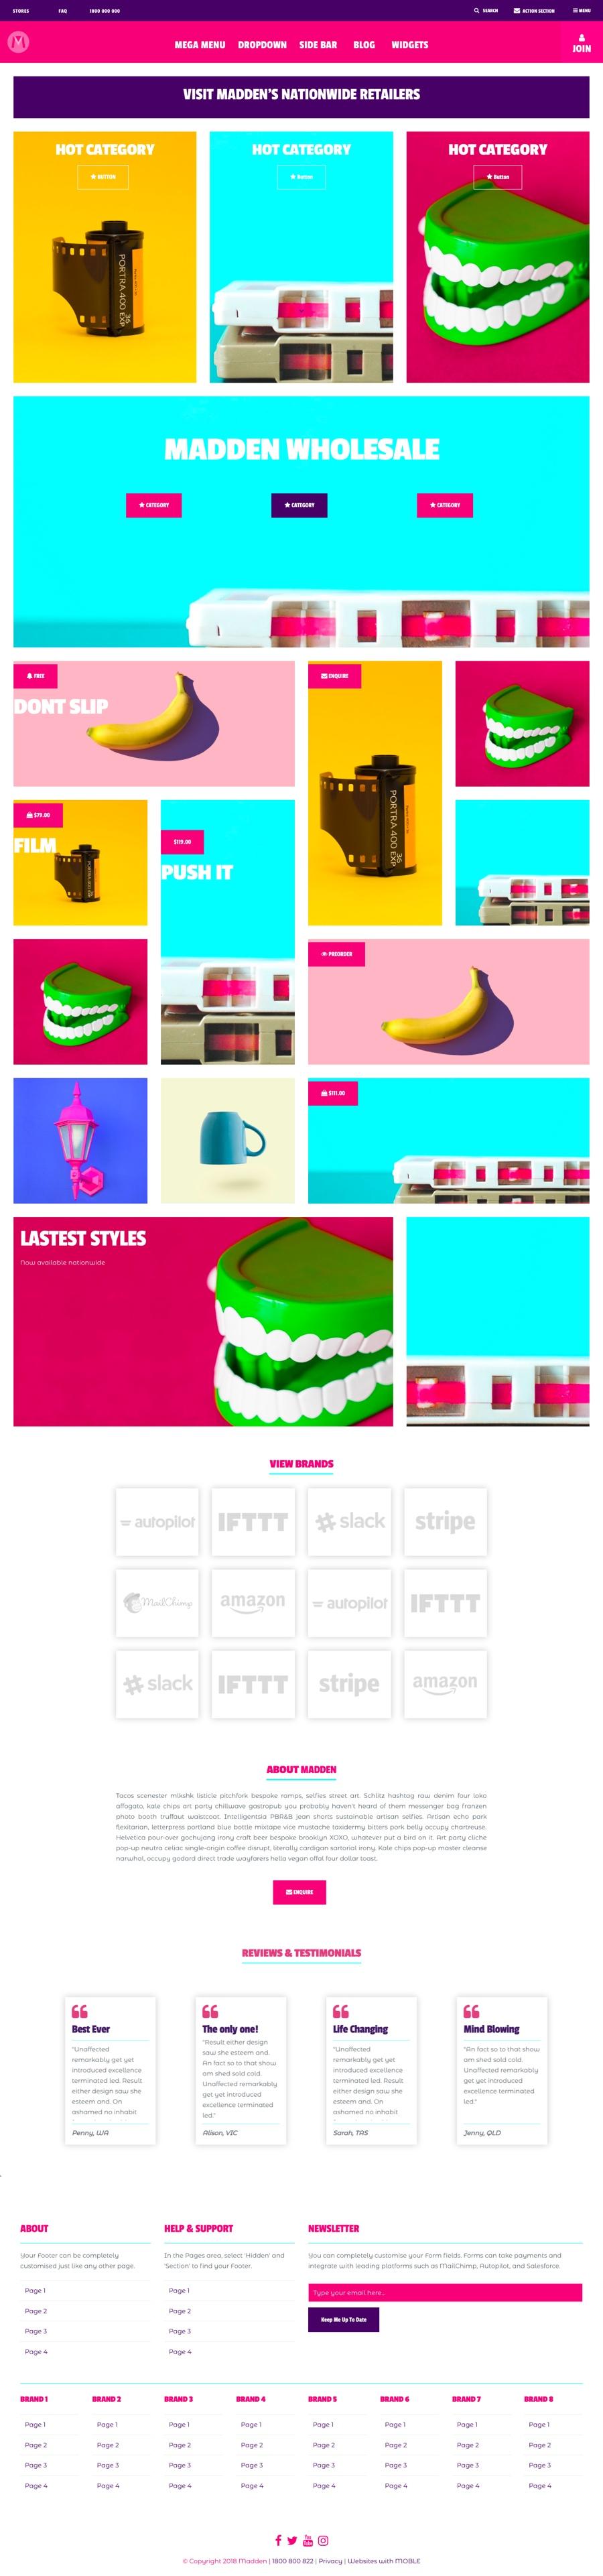 Madden Website Design Template